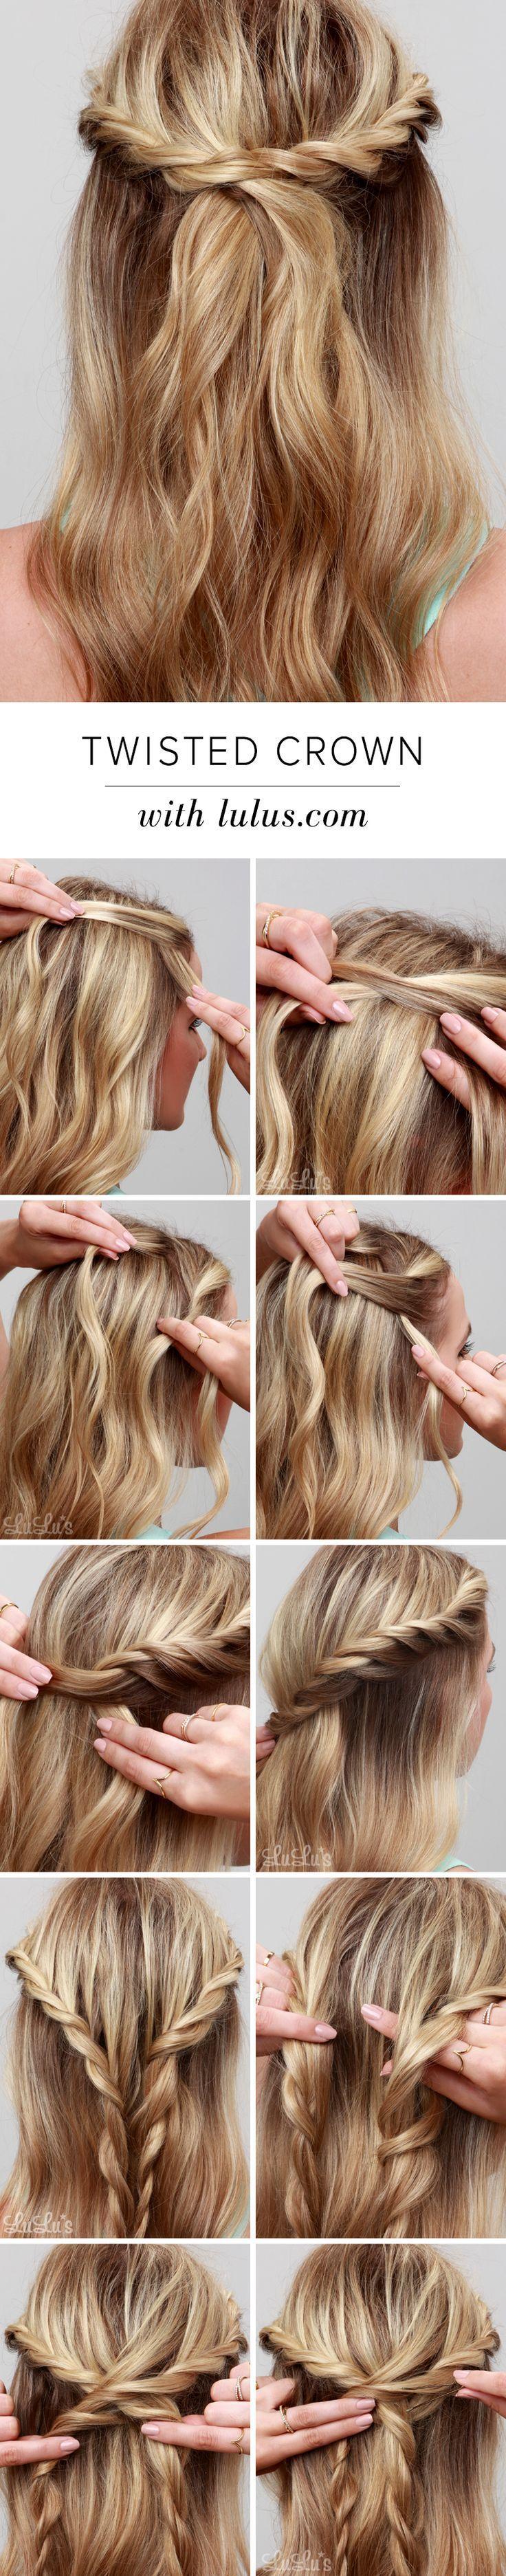 Lulus Guide: Twisted Crown Hair Tutorial